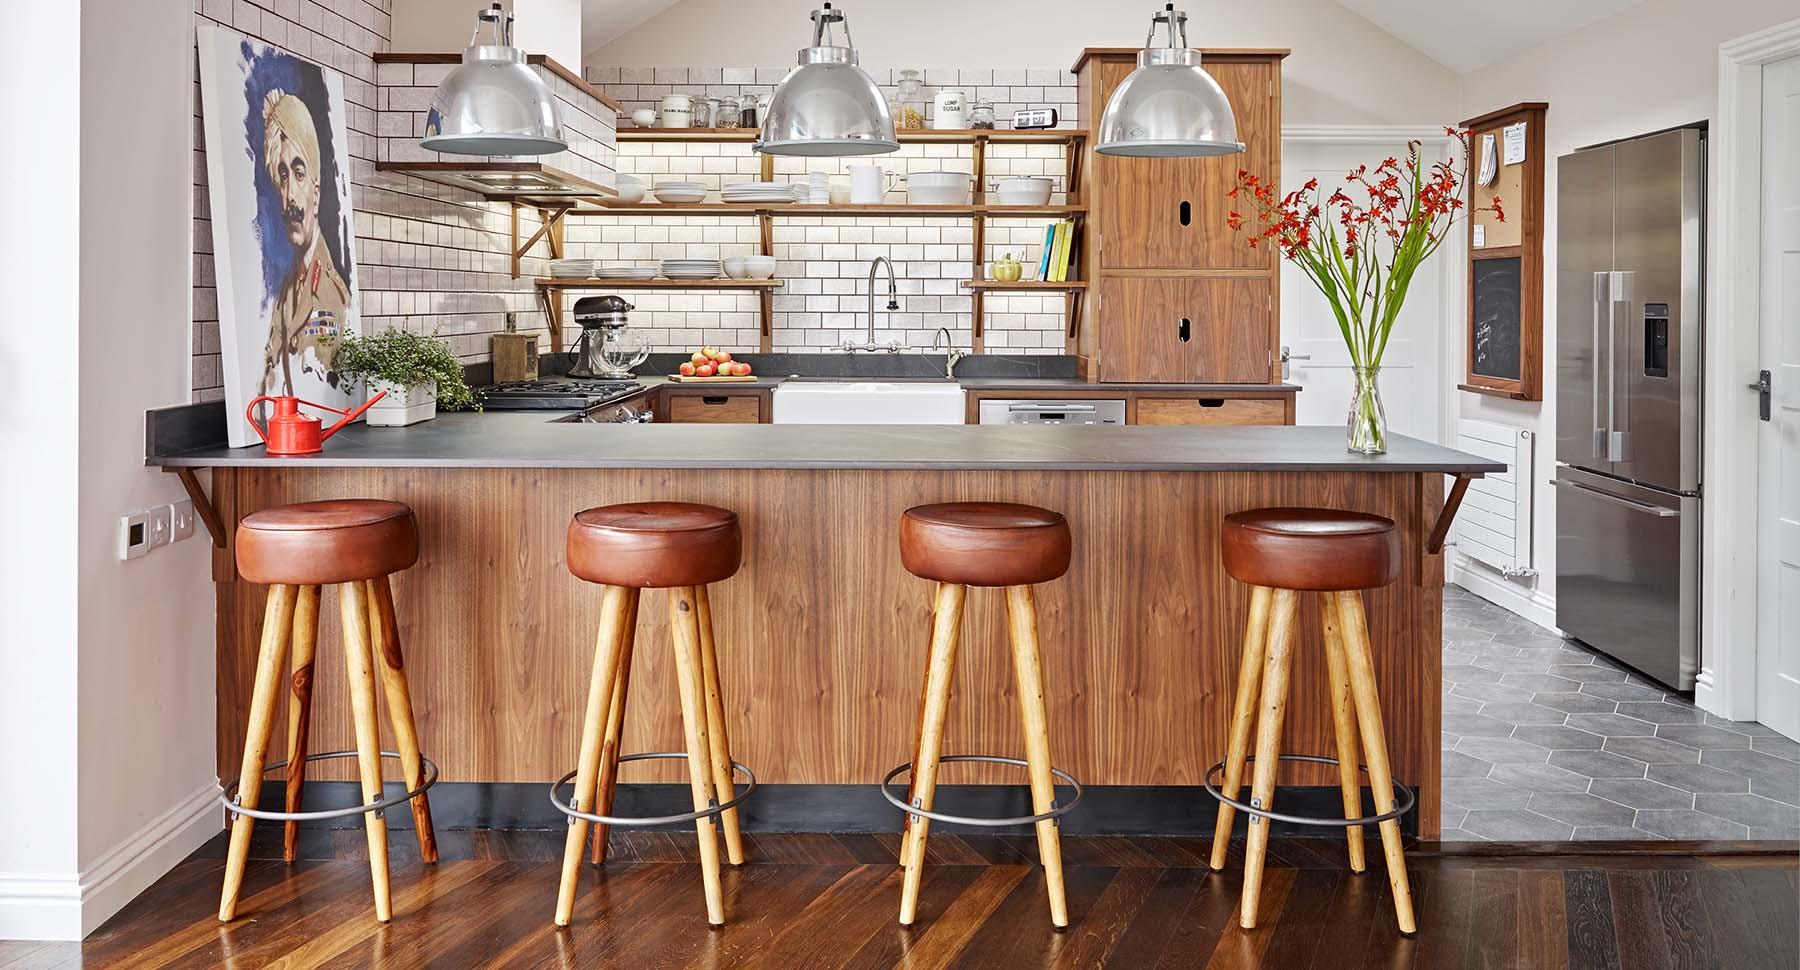 4 Mid-century style Scandinavian style kitchen